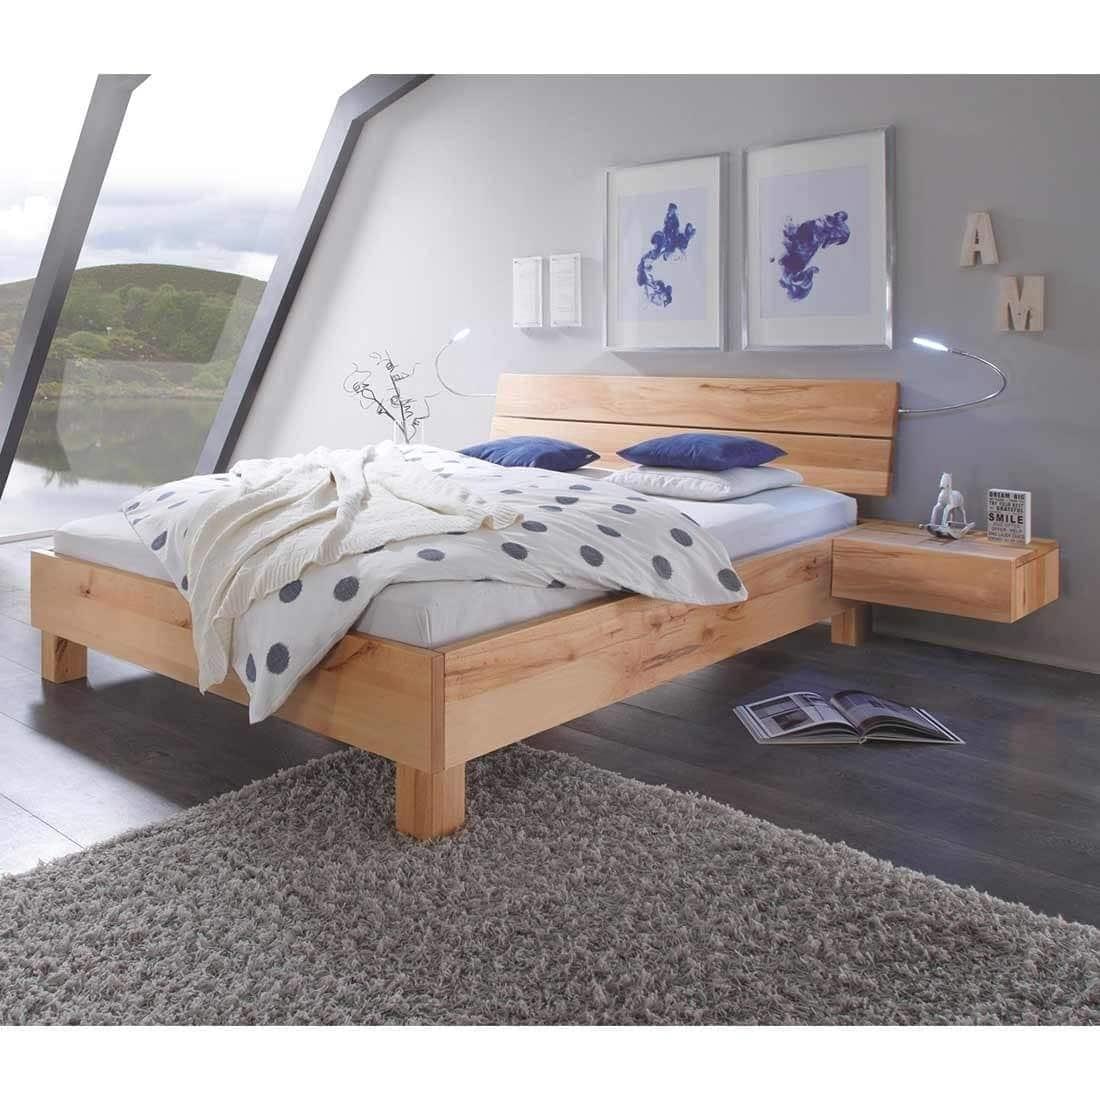 Full Size of Bett 160x220 160 Matratze Buche Ottoversand Betten Modern Design Minion Bonprix Luxus Liegehöhe 60 Cm Kaufen Günstig 90x200 Weiß Mit Schubladen Bettkasten Bett Bett 160x220